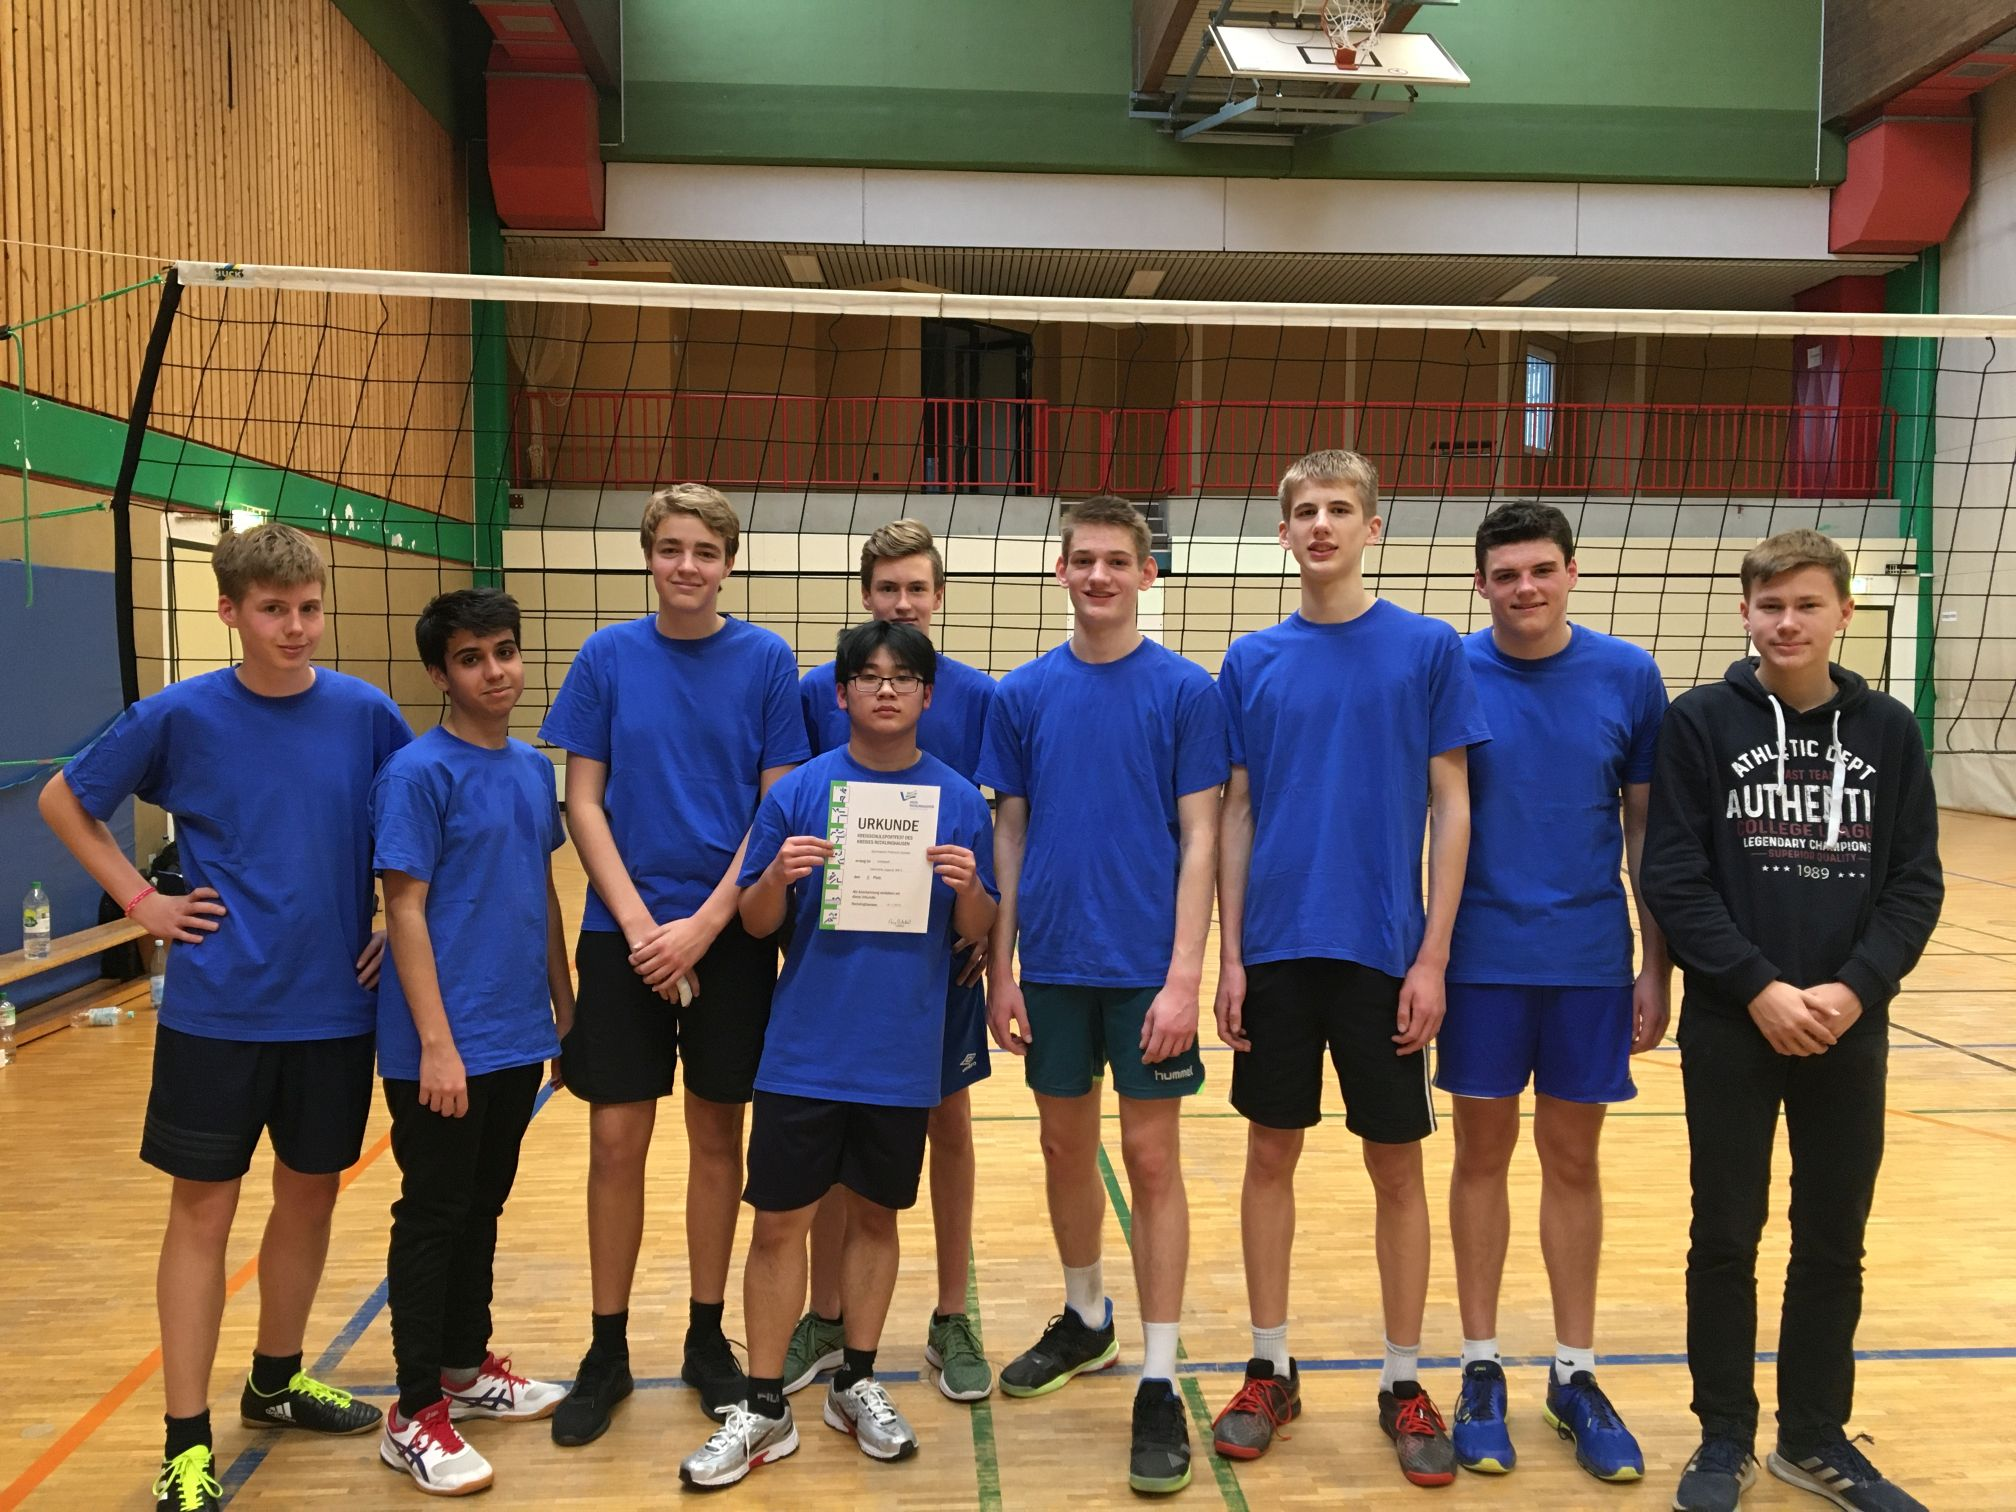 Volleyball-Schulmannschaft des Gymnasium Petrinum wird Vize-Kreismeister